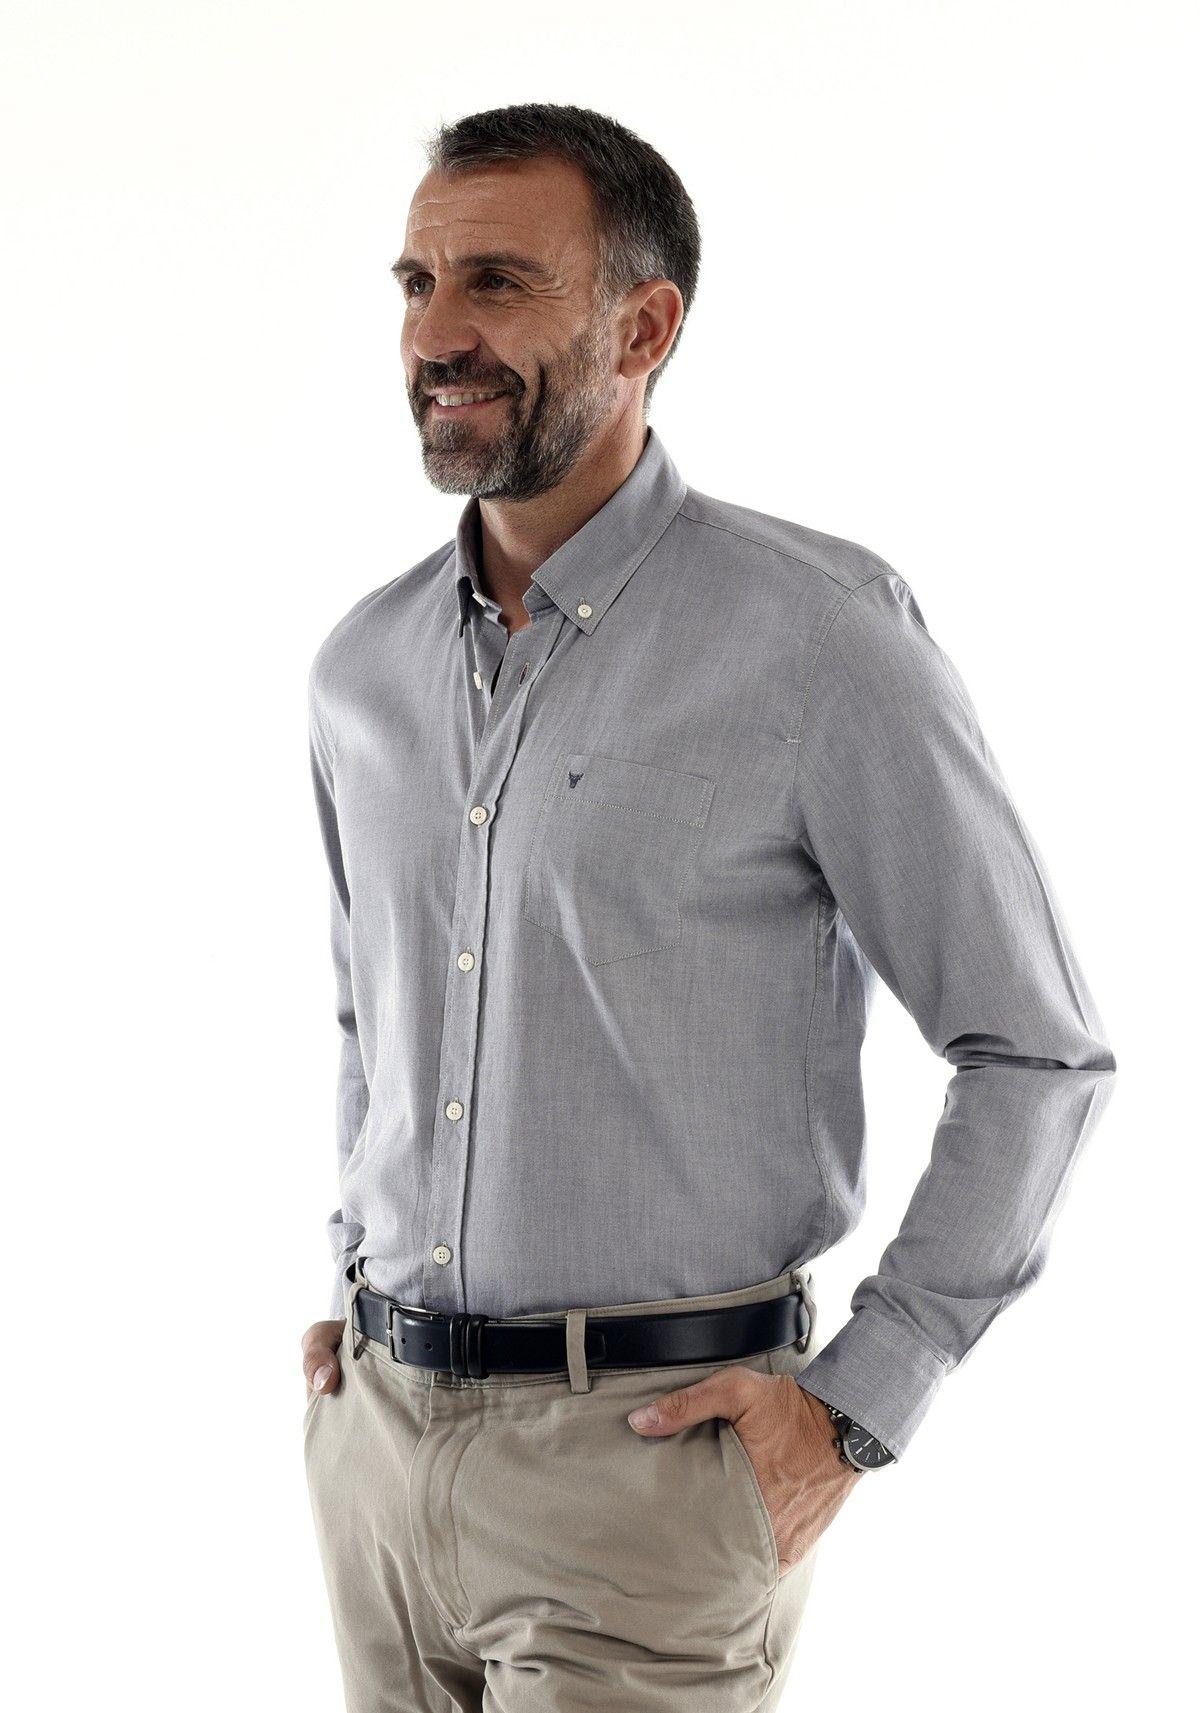 chemise mode homme classe grise oxford 100 coton style tendance printemps automne t hiver. Black Bedroom Furniture Sets. Home Design Ideas